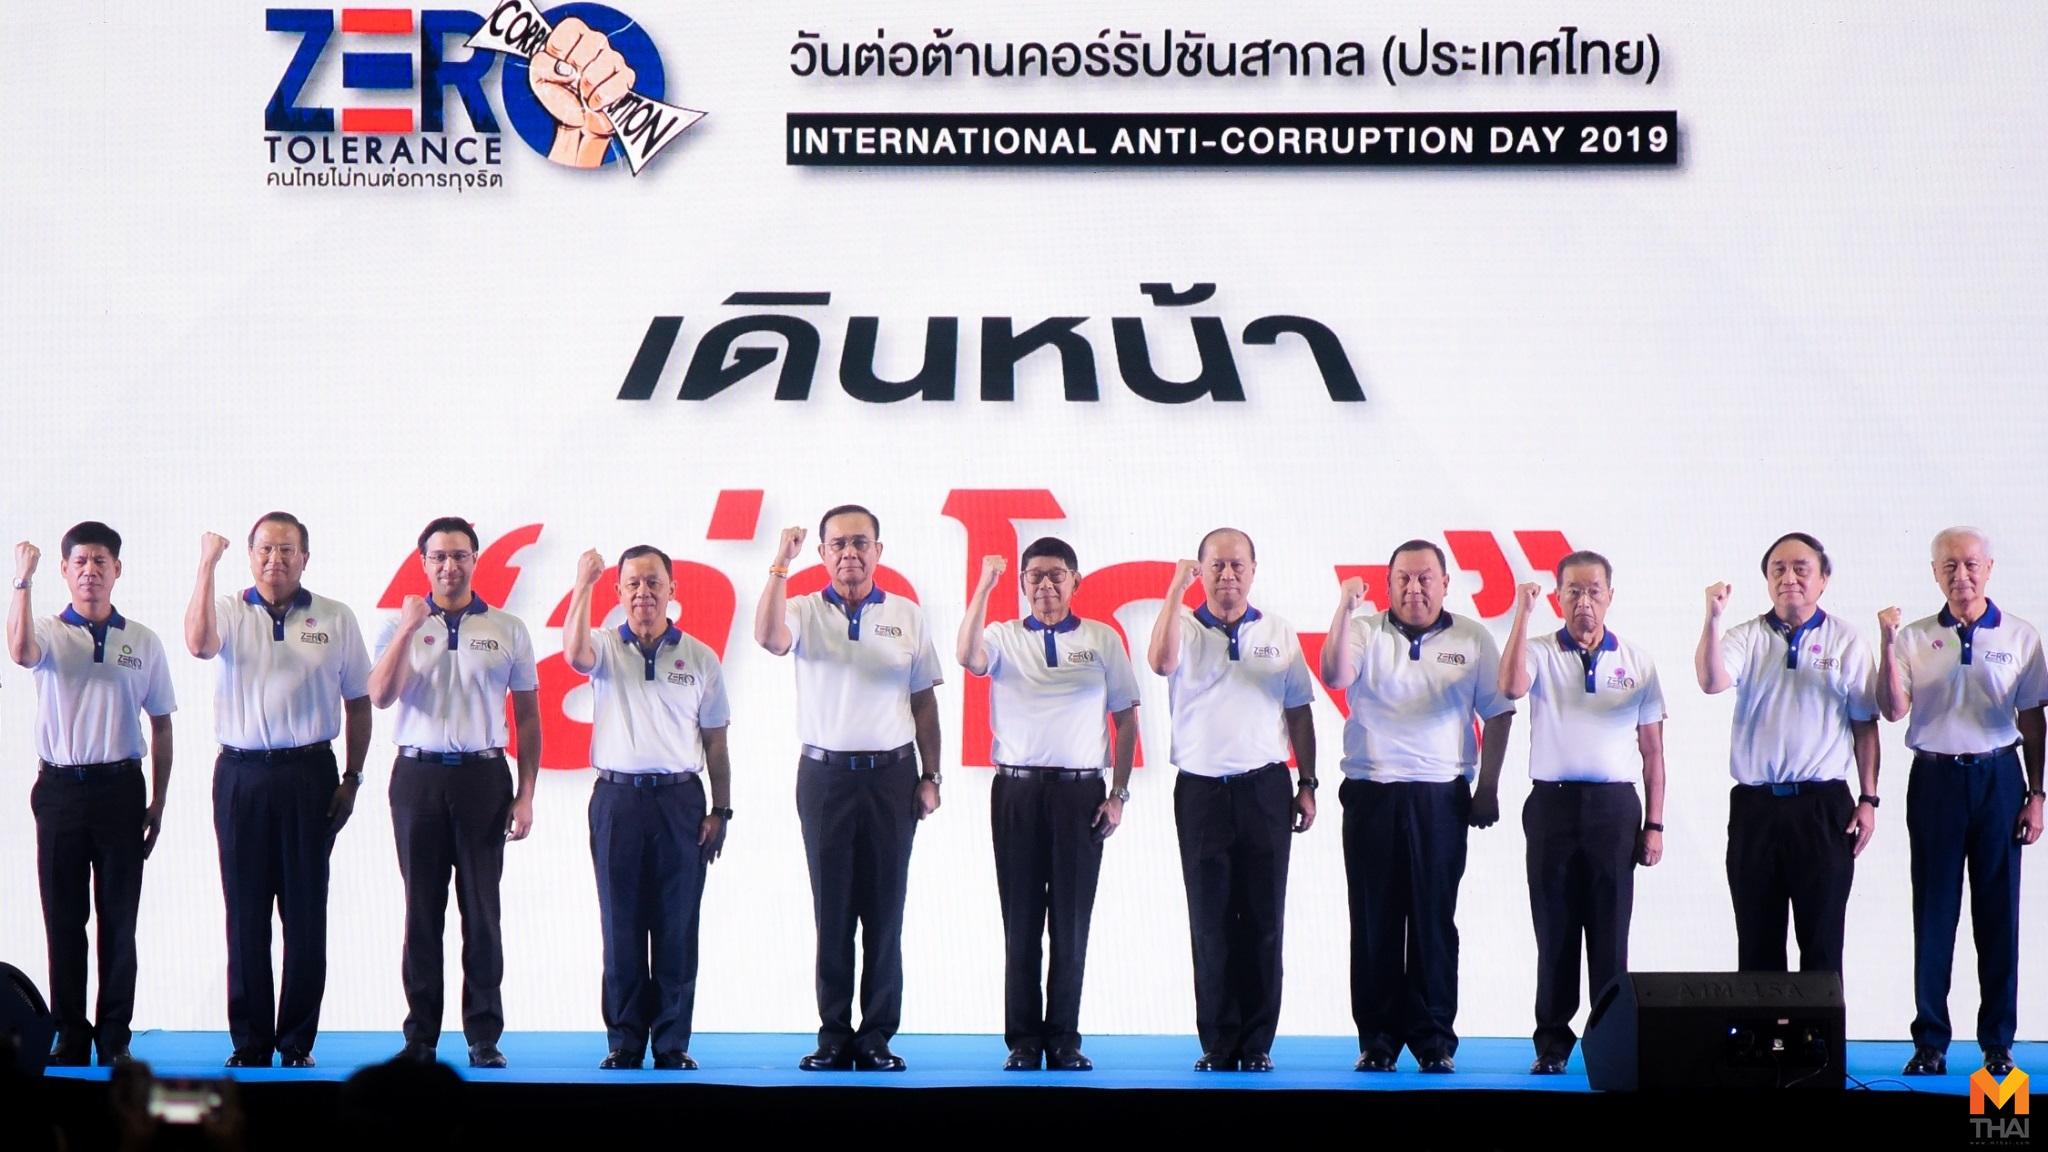 พลเอกประยุทธ์ จันทร์โอชา วันต่อต้านคอร์รัปชันสากล (ประเทศไทย)